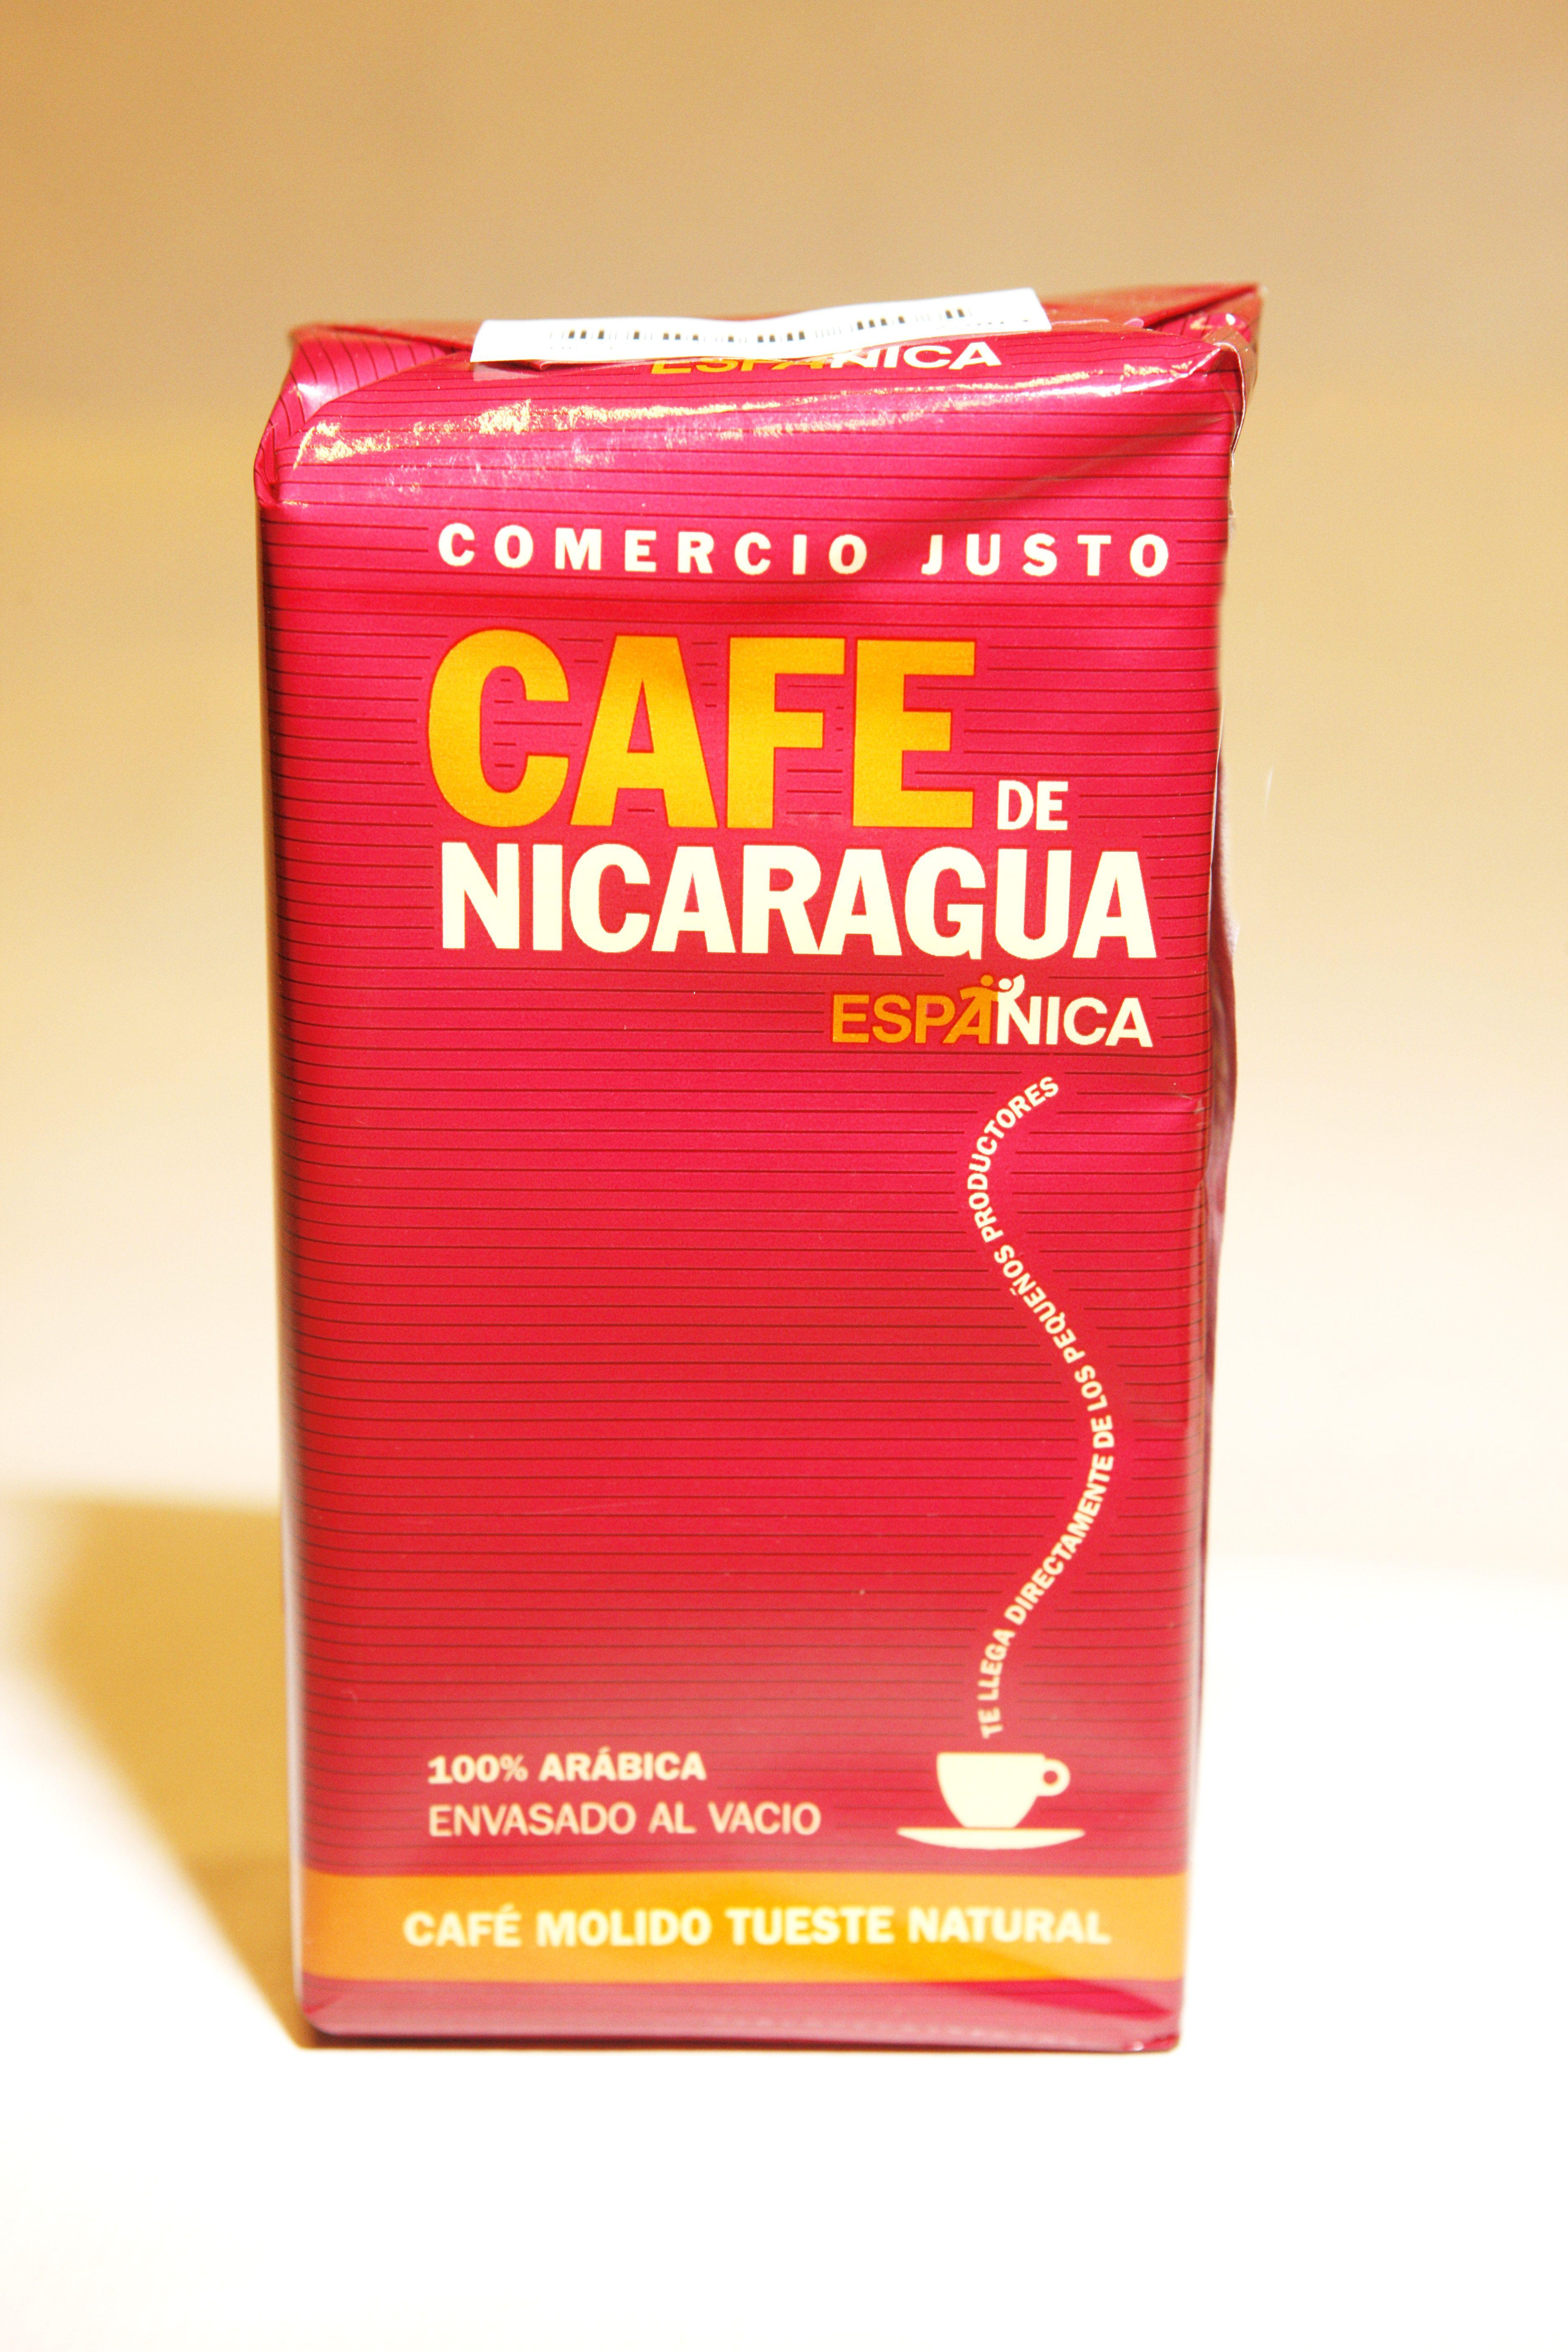 Cafe arabica de Nicaragua Comercio Justo